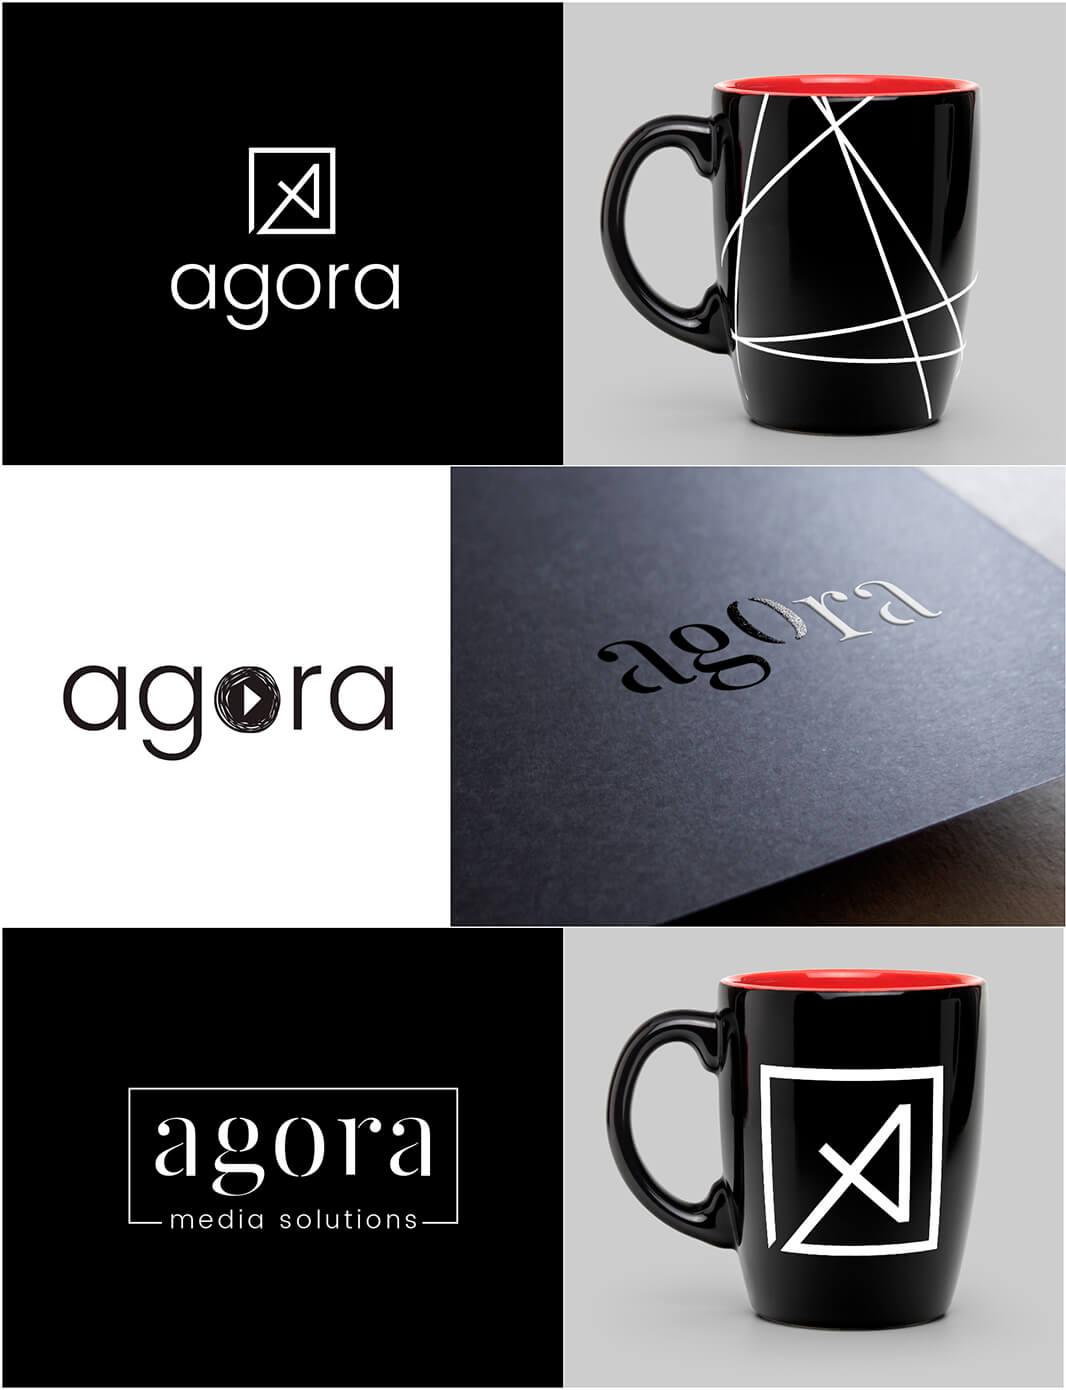 Agora Media Solutions logo variations